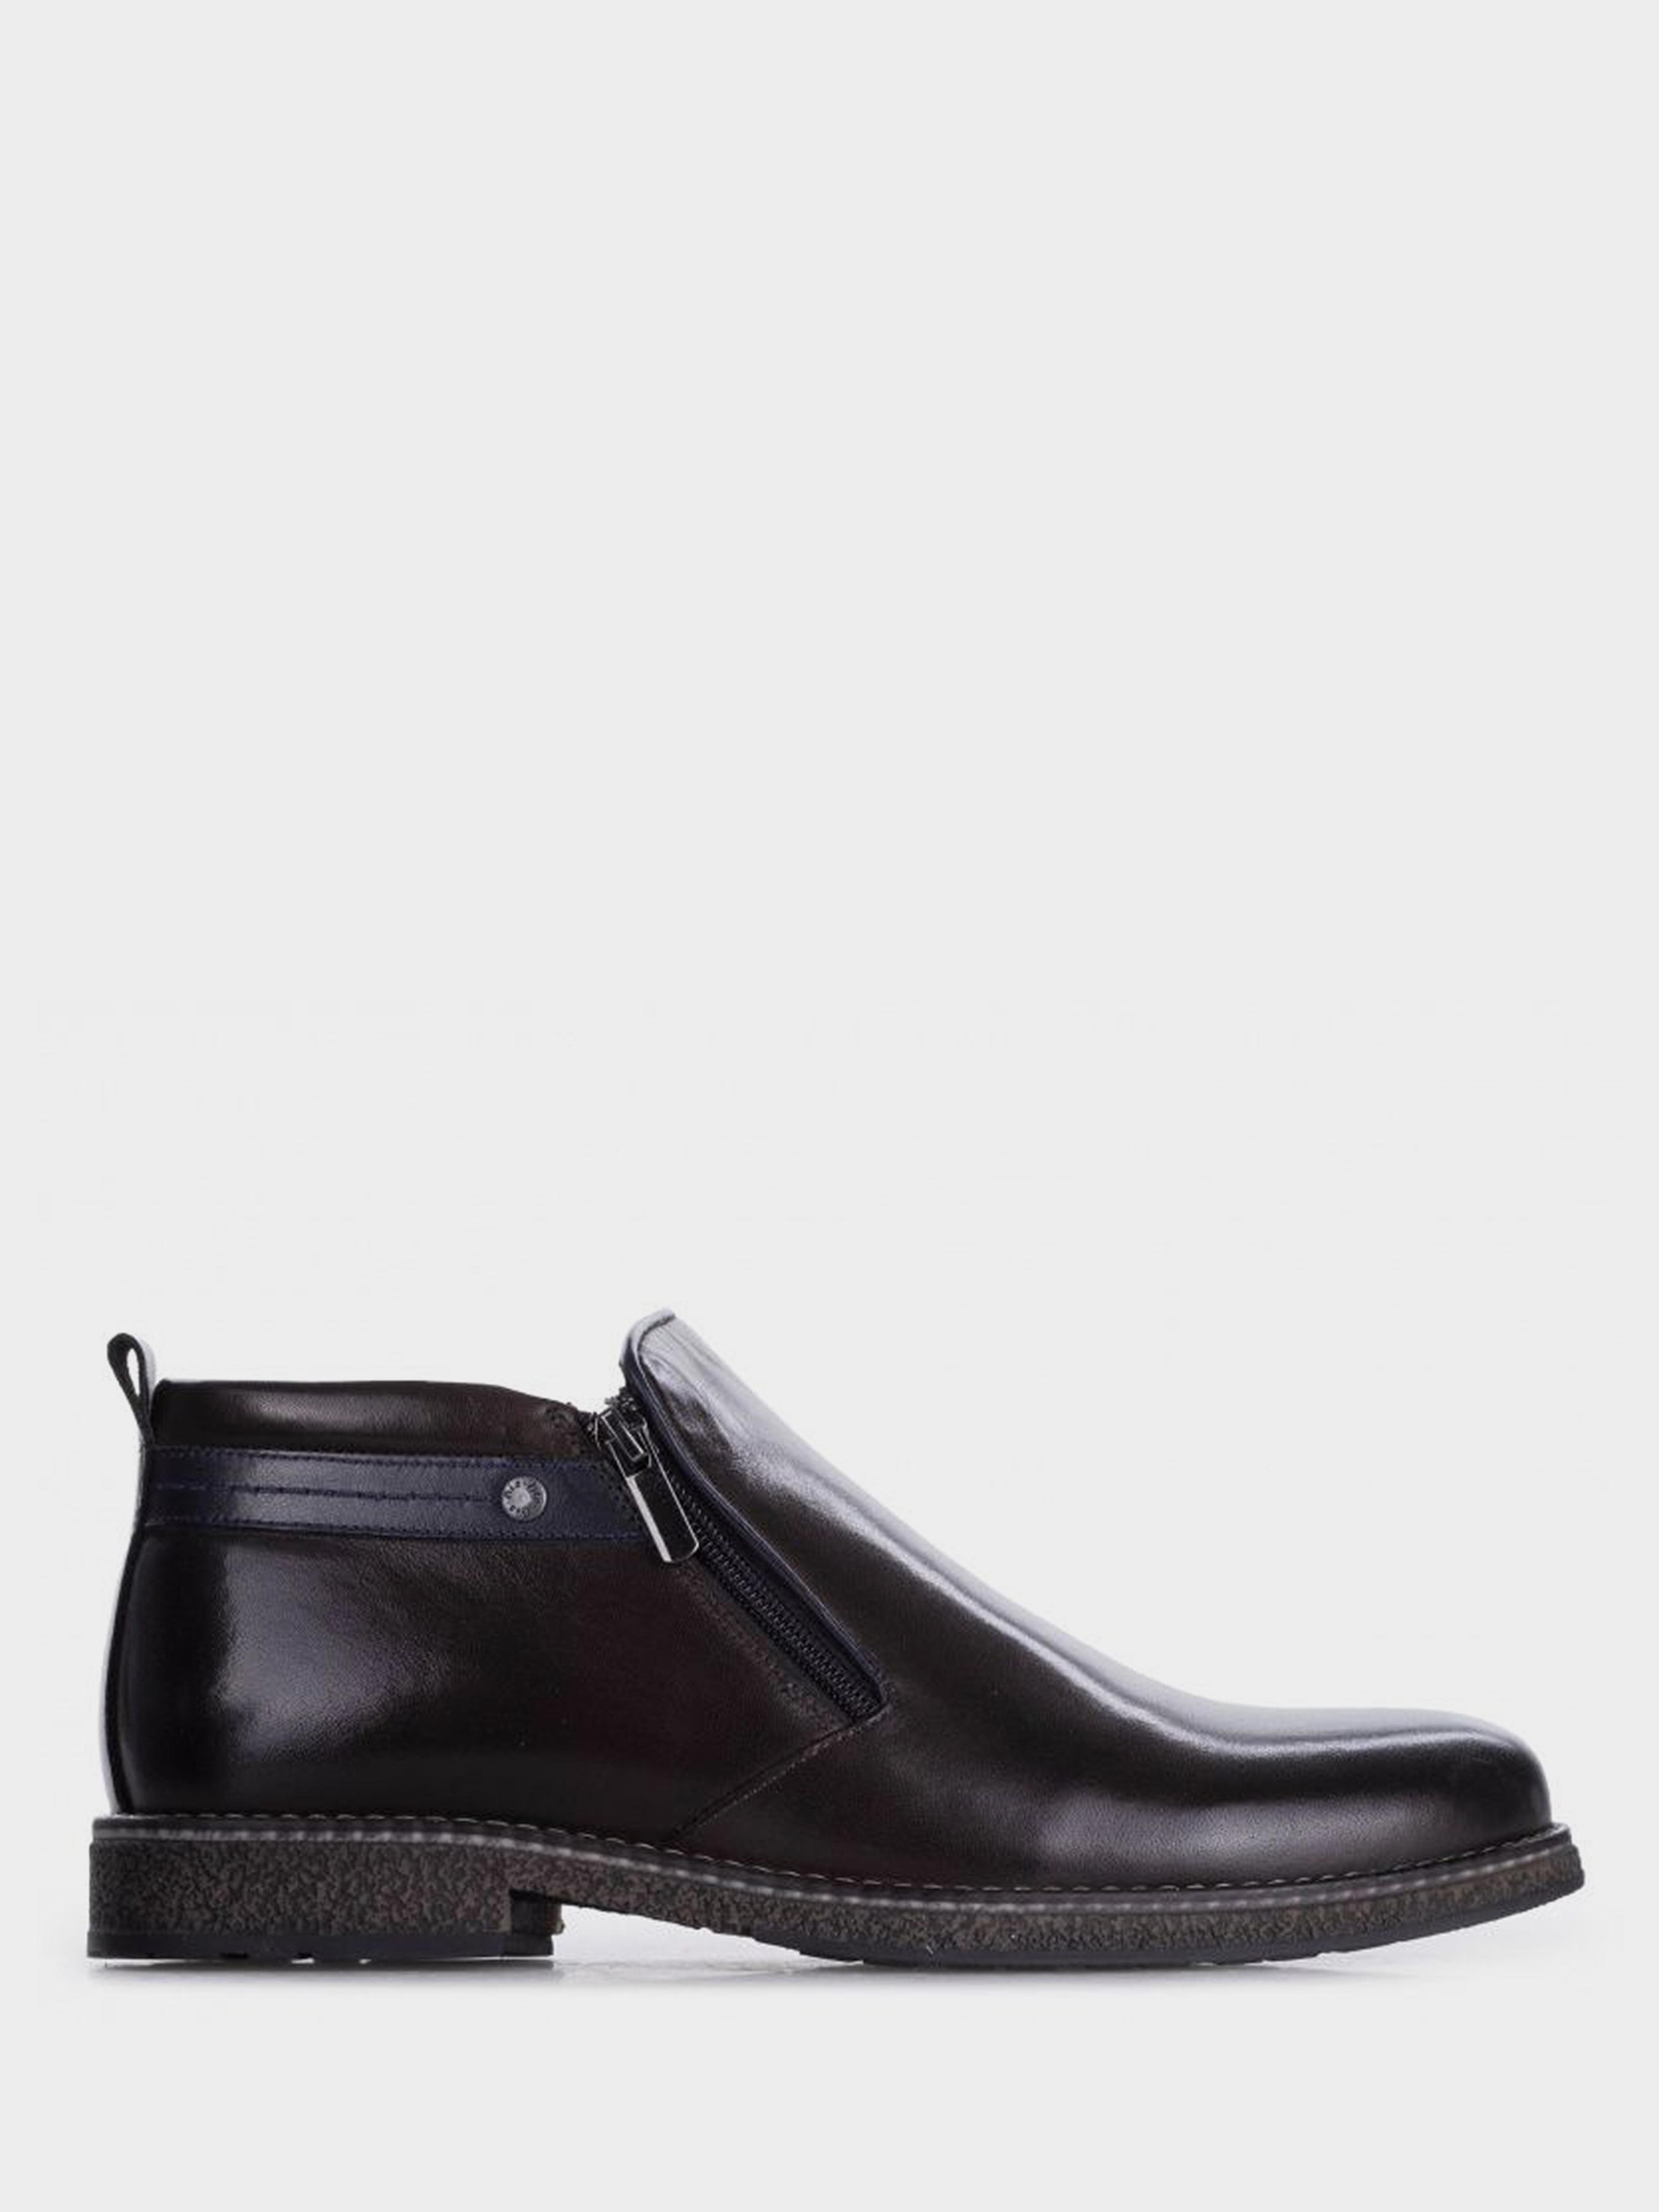 Ботинки мужские Braska 8B89 цена обуви, 2017